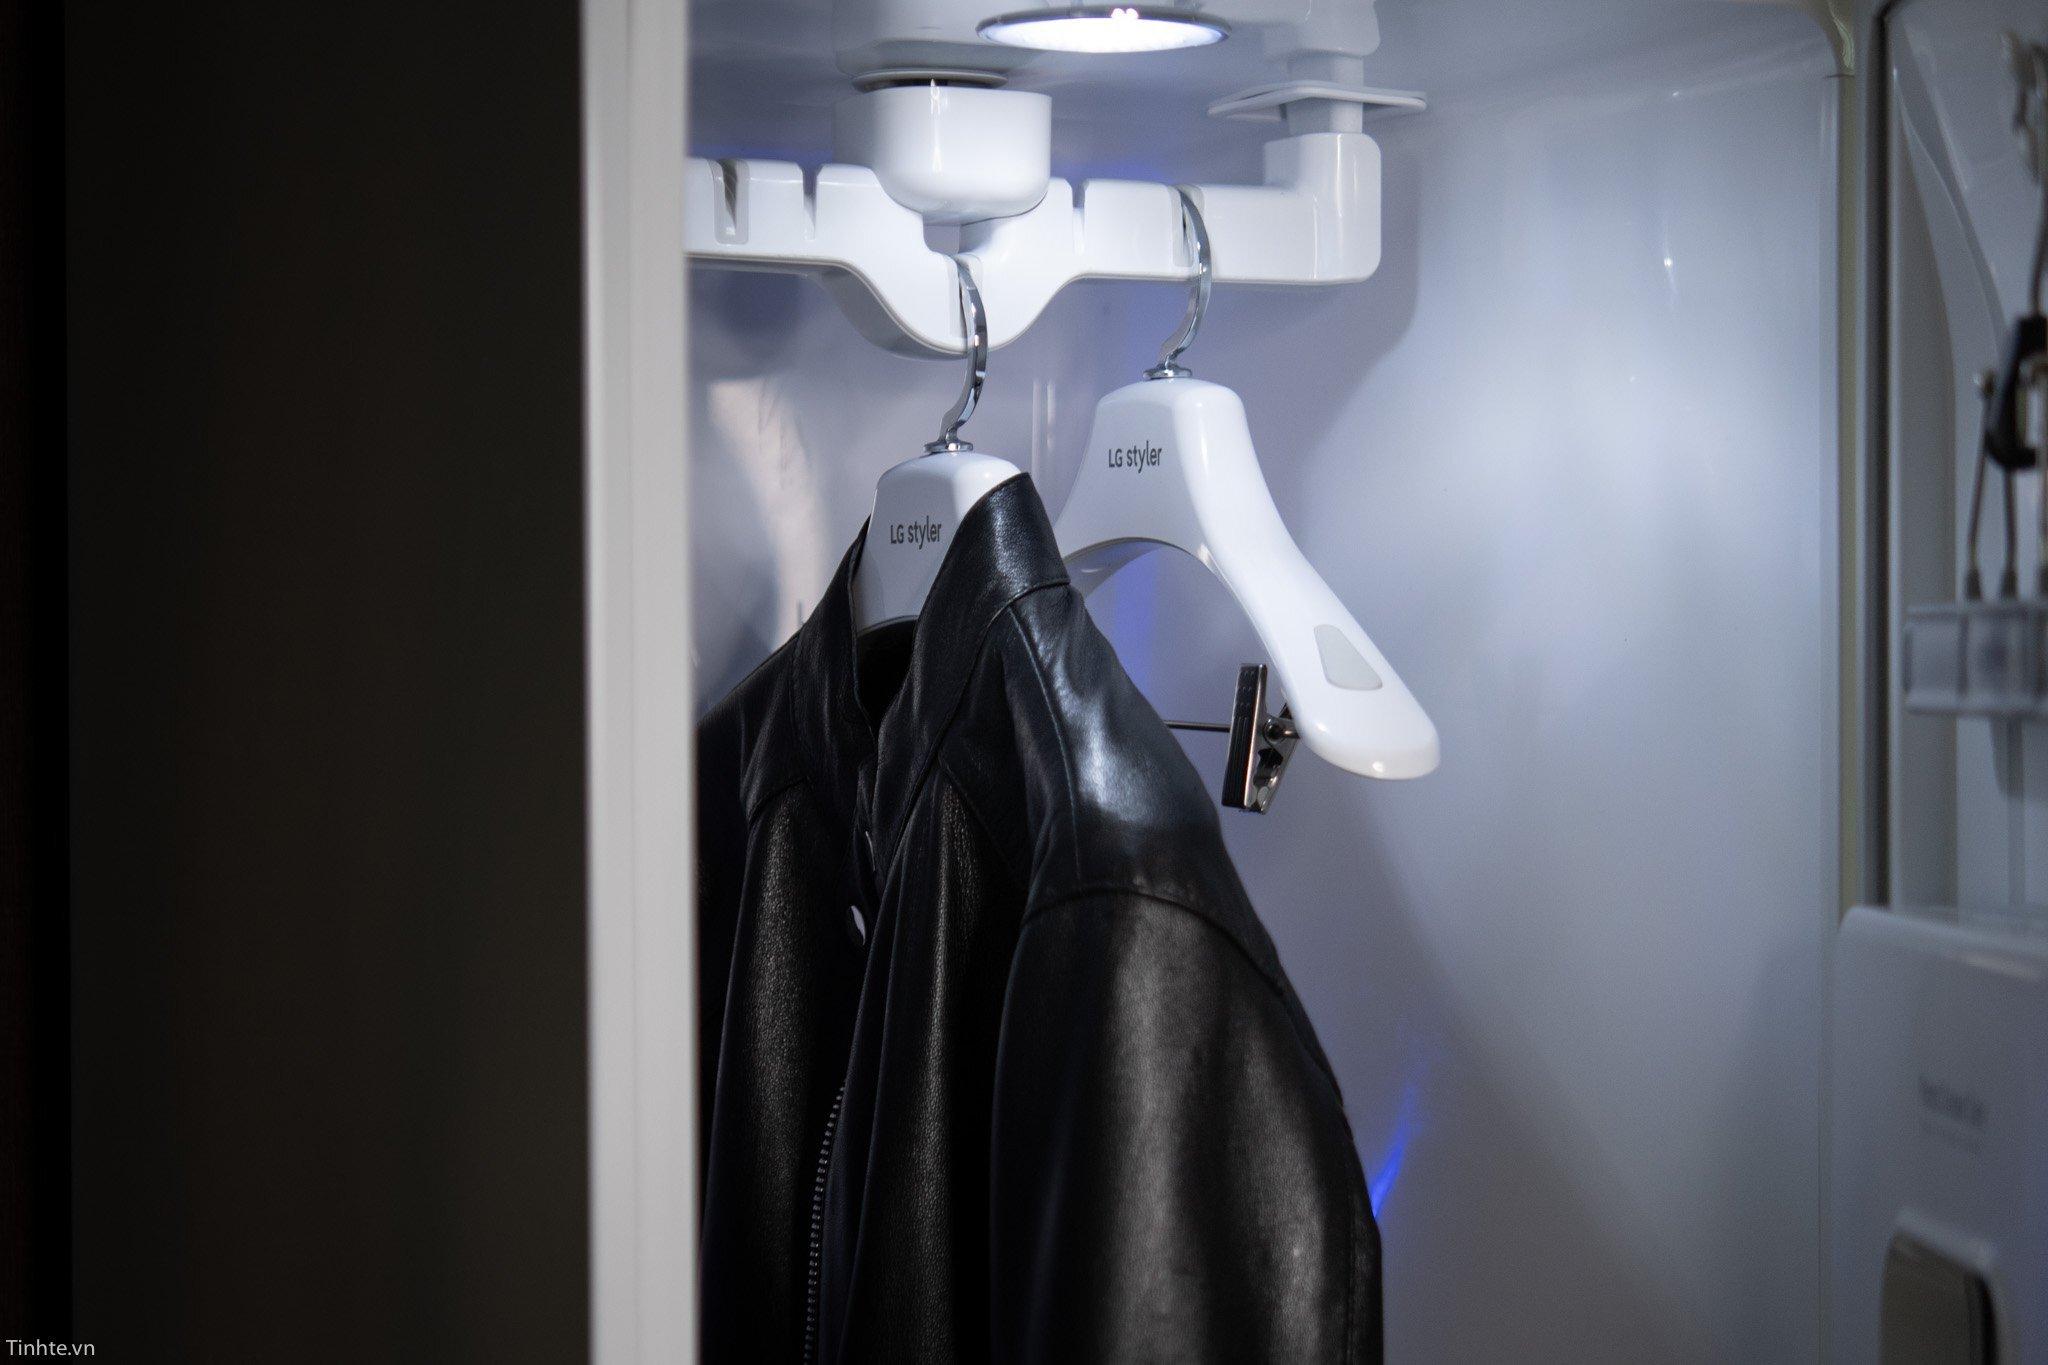 Lưu ý khi sử dụng tủ quần áo thông minh LG Styler